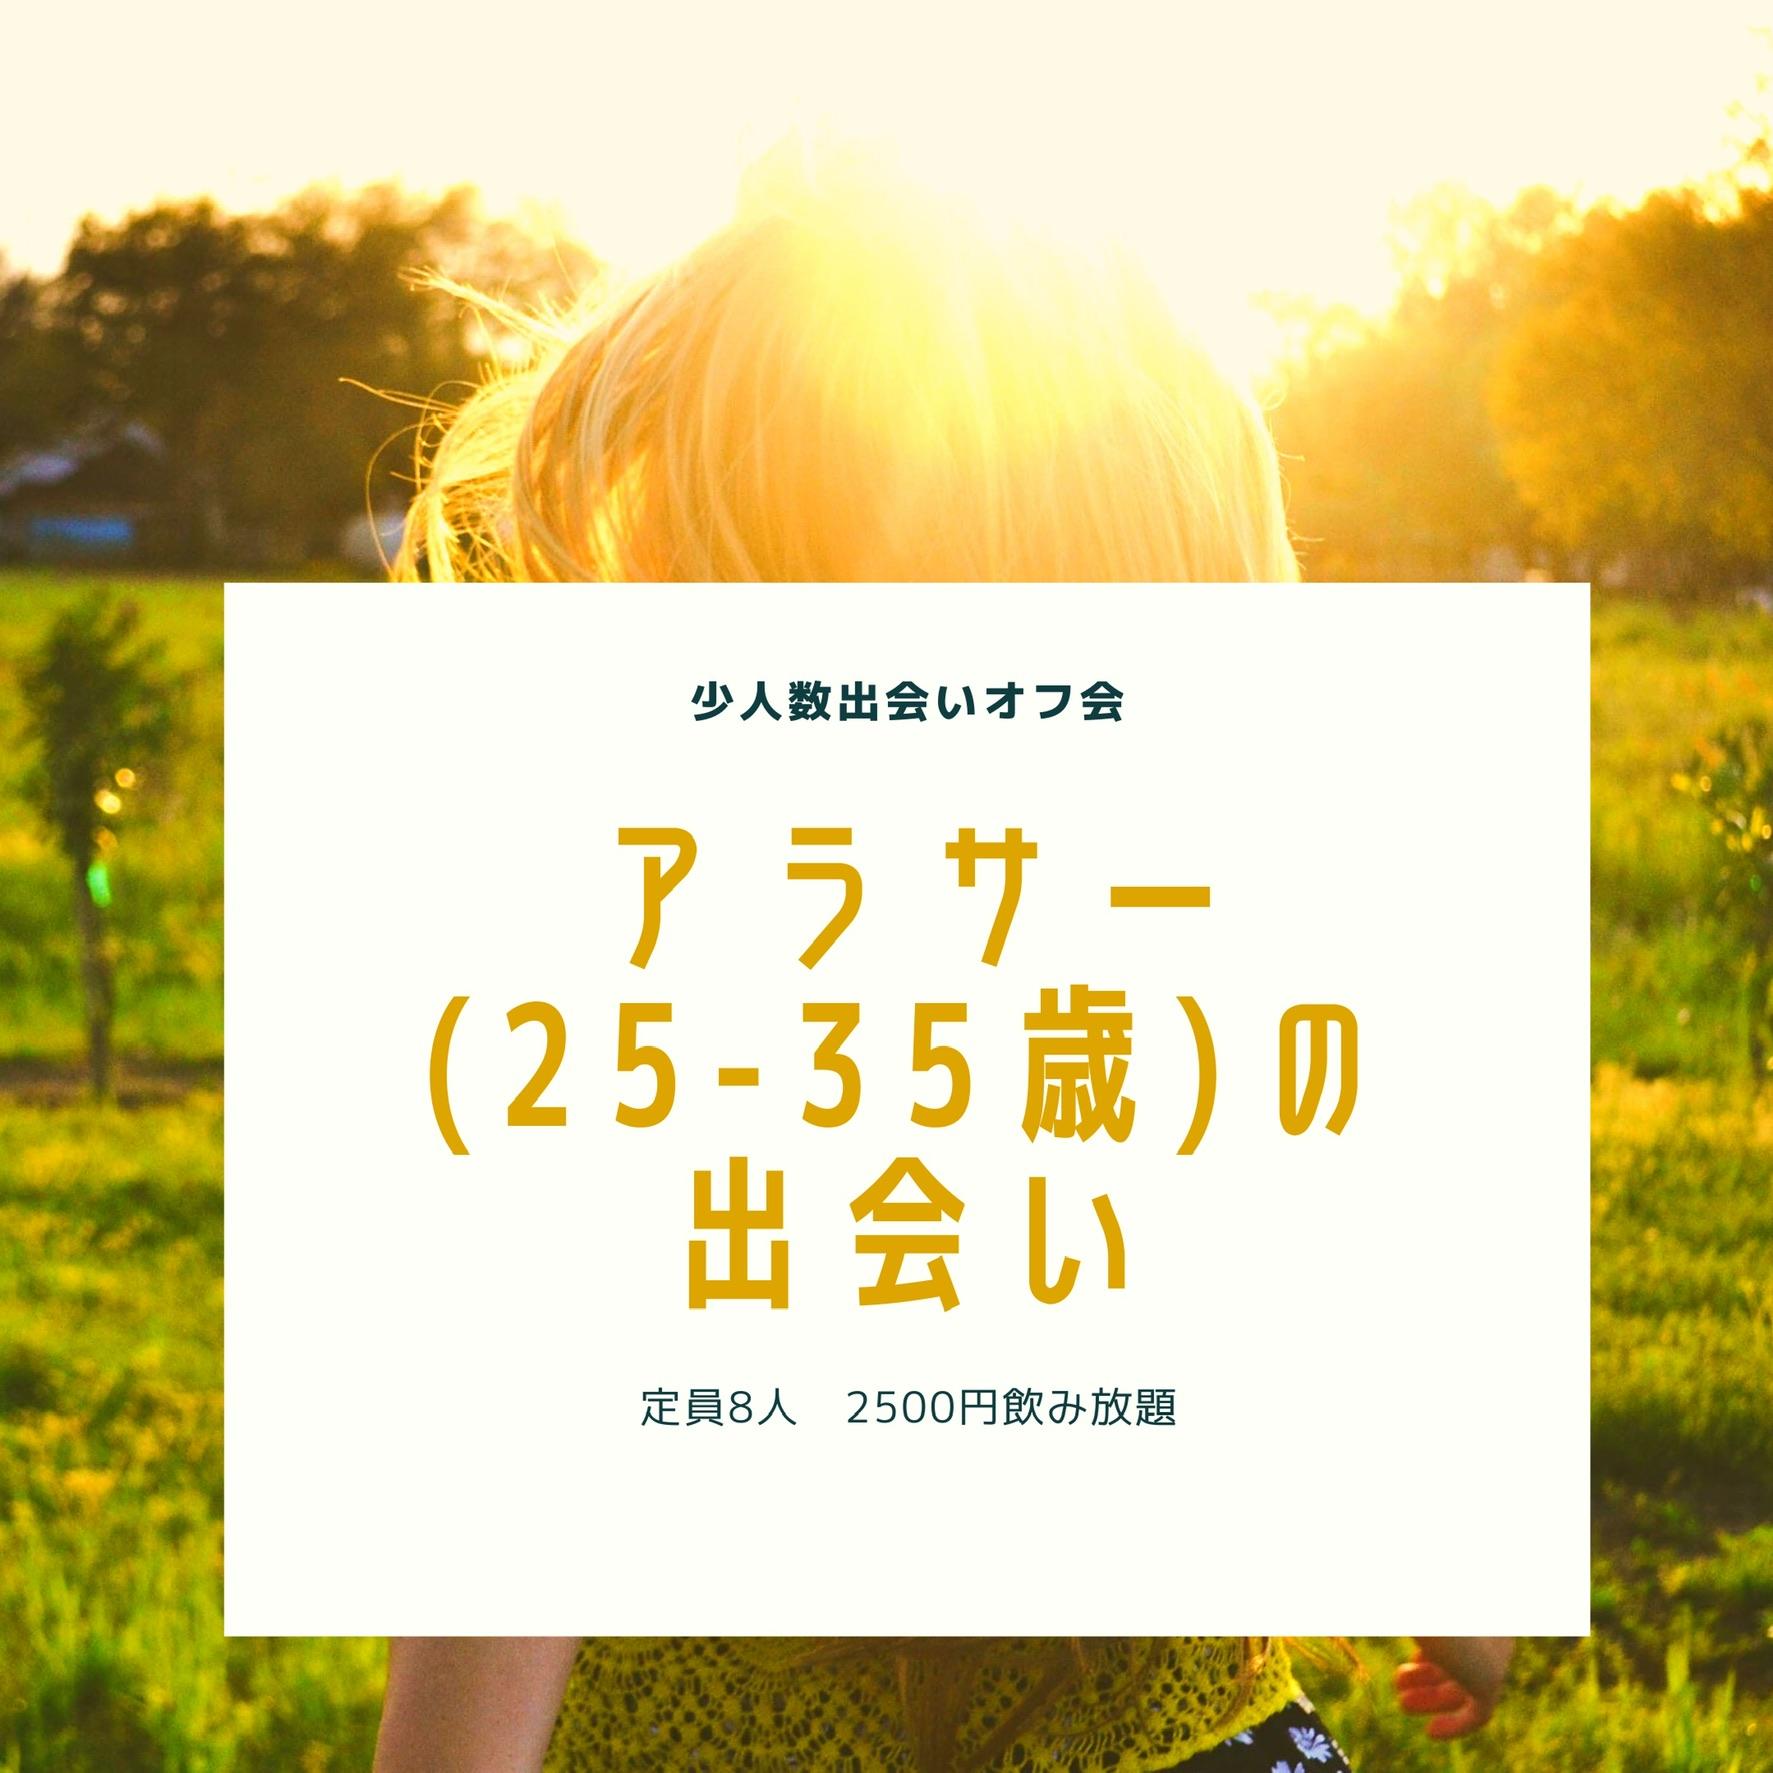 【大阪】X'mas前アラサー少人数出会いオフ会